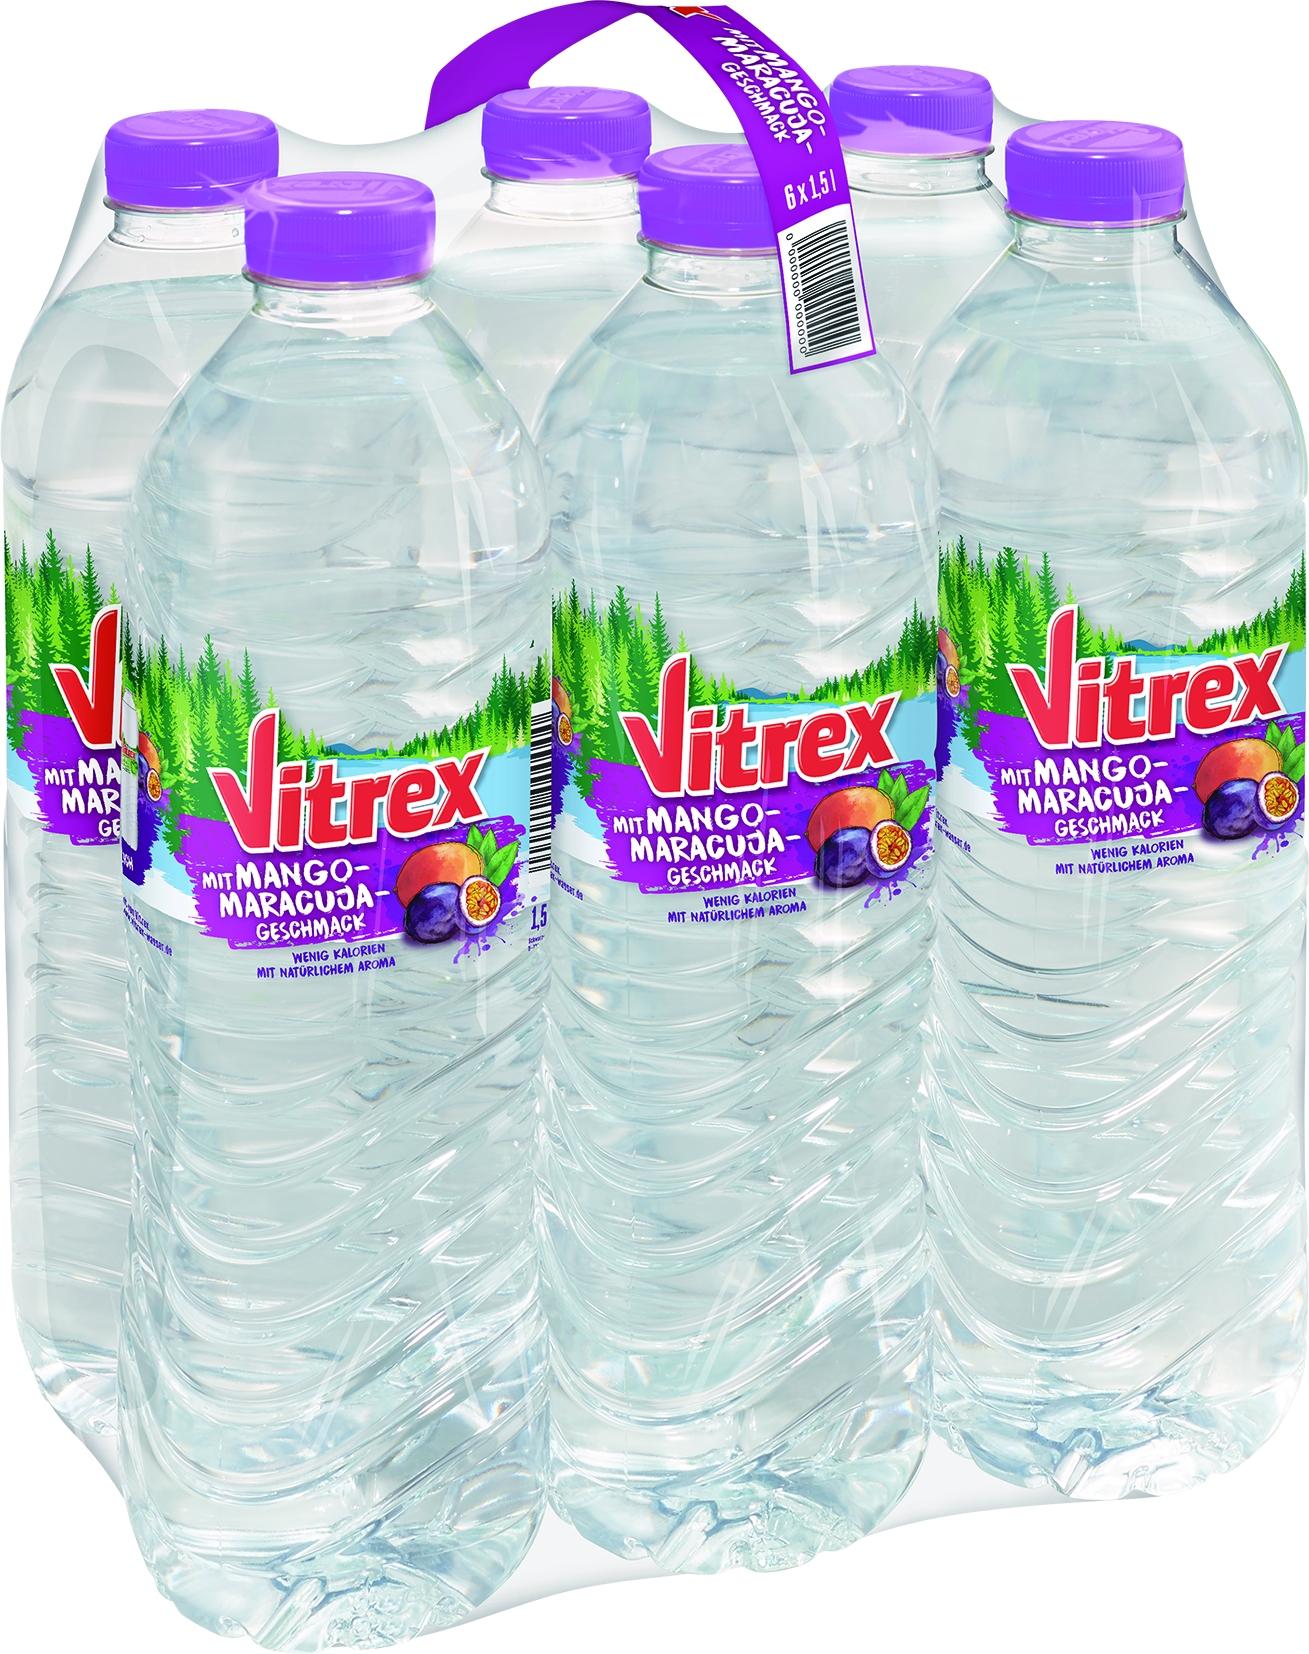 Mineralwasser mit Mango/Maracuja